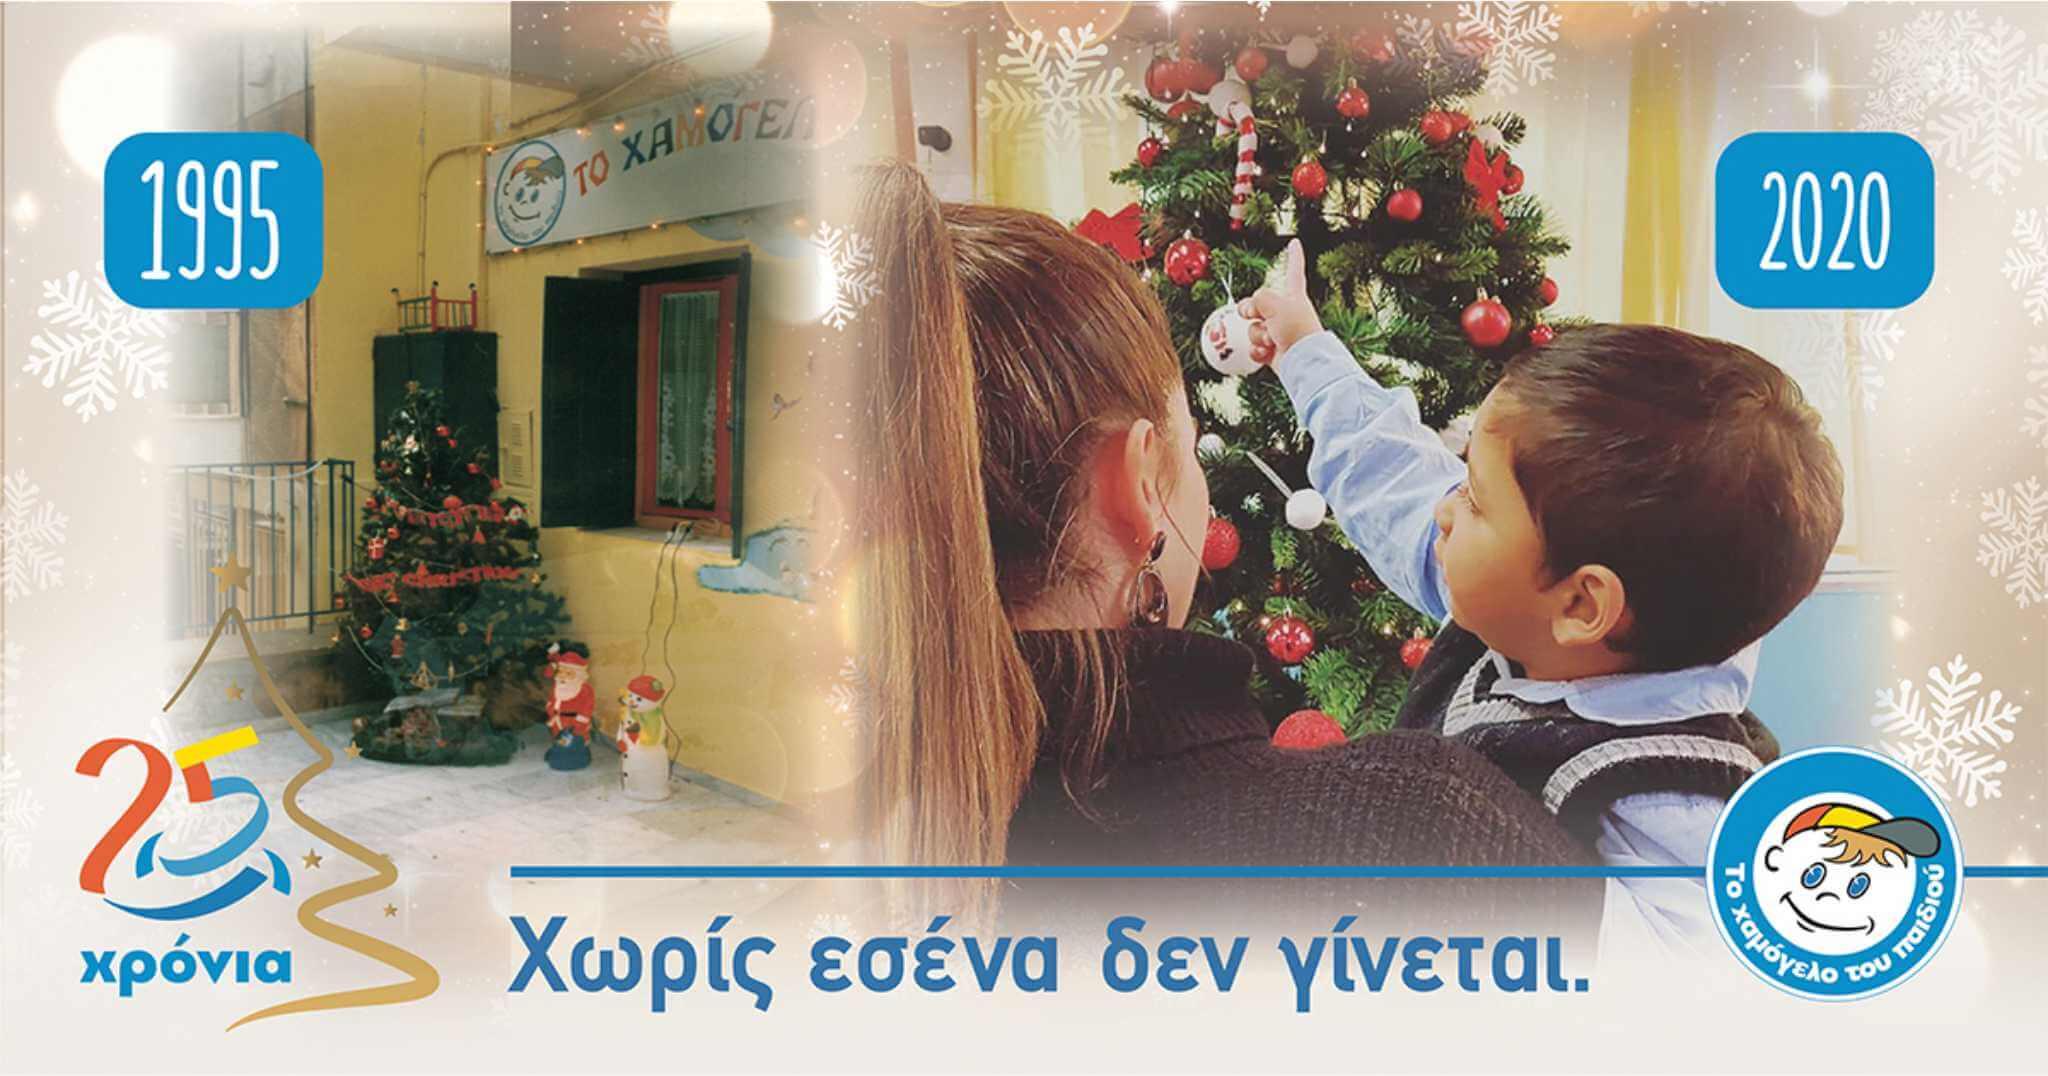 «Χαμόγελο του Παιδιού» : Αυτά τα Χριστούγεννα … χωρίς εσένα δεν γίνεται!